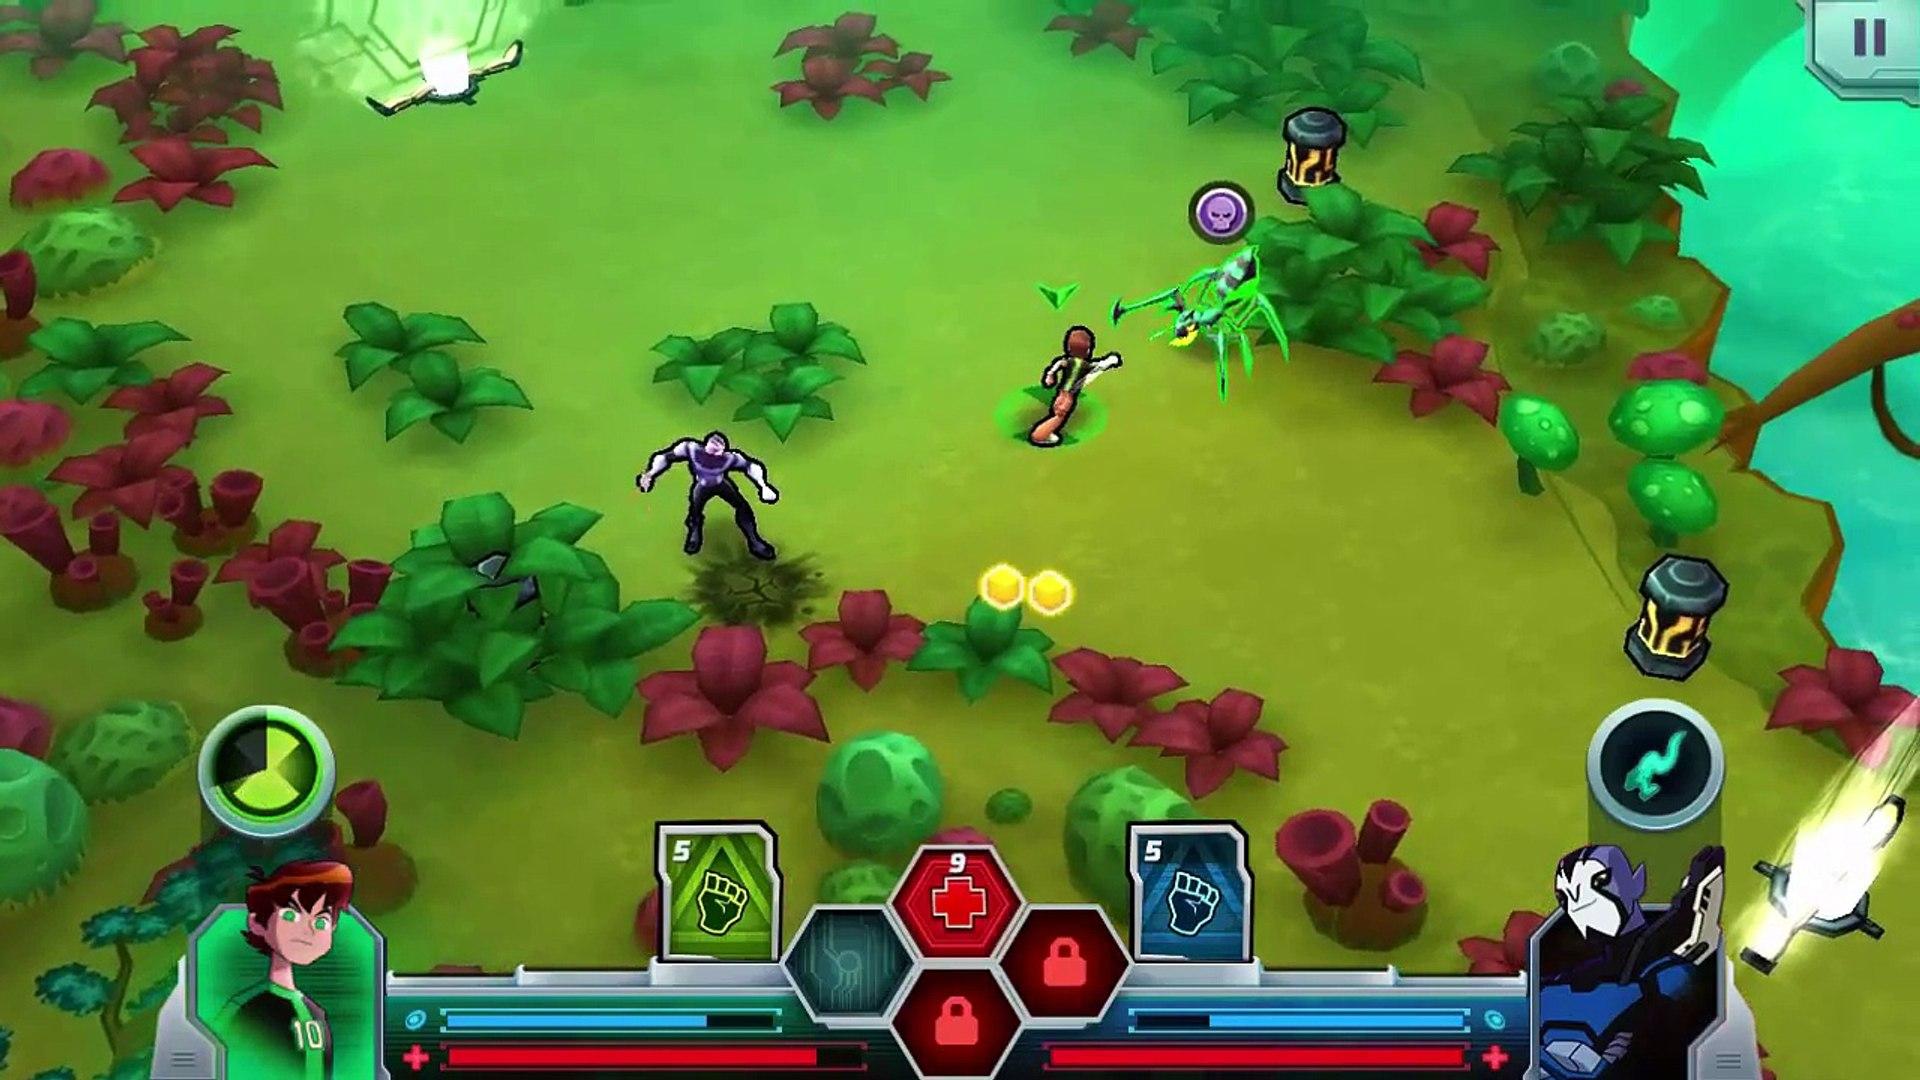 Ben 10: Omniverse - Wrath of Psychobos - Ben 10: Omniverse - Wrath of Psychobos - For Android / iOS